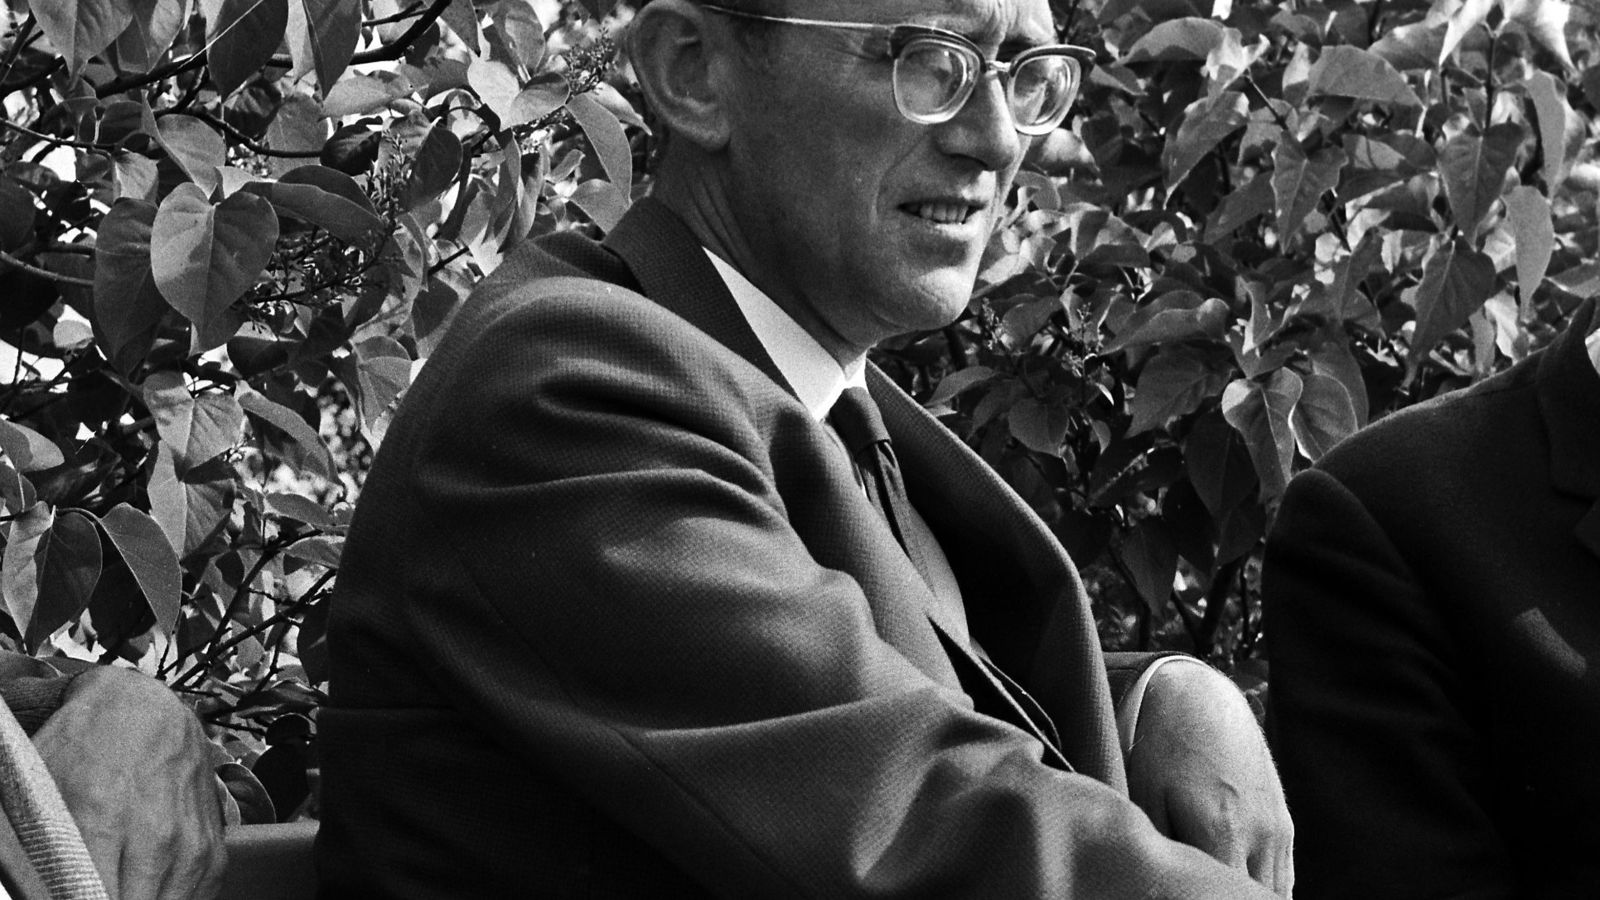 Gunnar Bøe, Aps ledende EU-motstander, sto på KGBs lønningsliste. KGB kan ha betalt den norske EU-motstanden. Foto: Kringlebotten, Aftenposten /NTB Scanpix